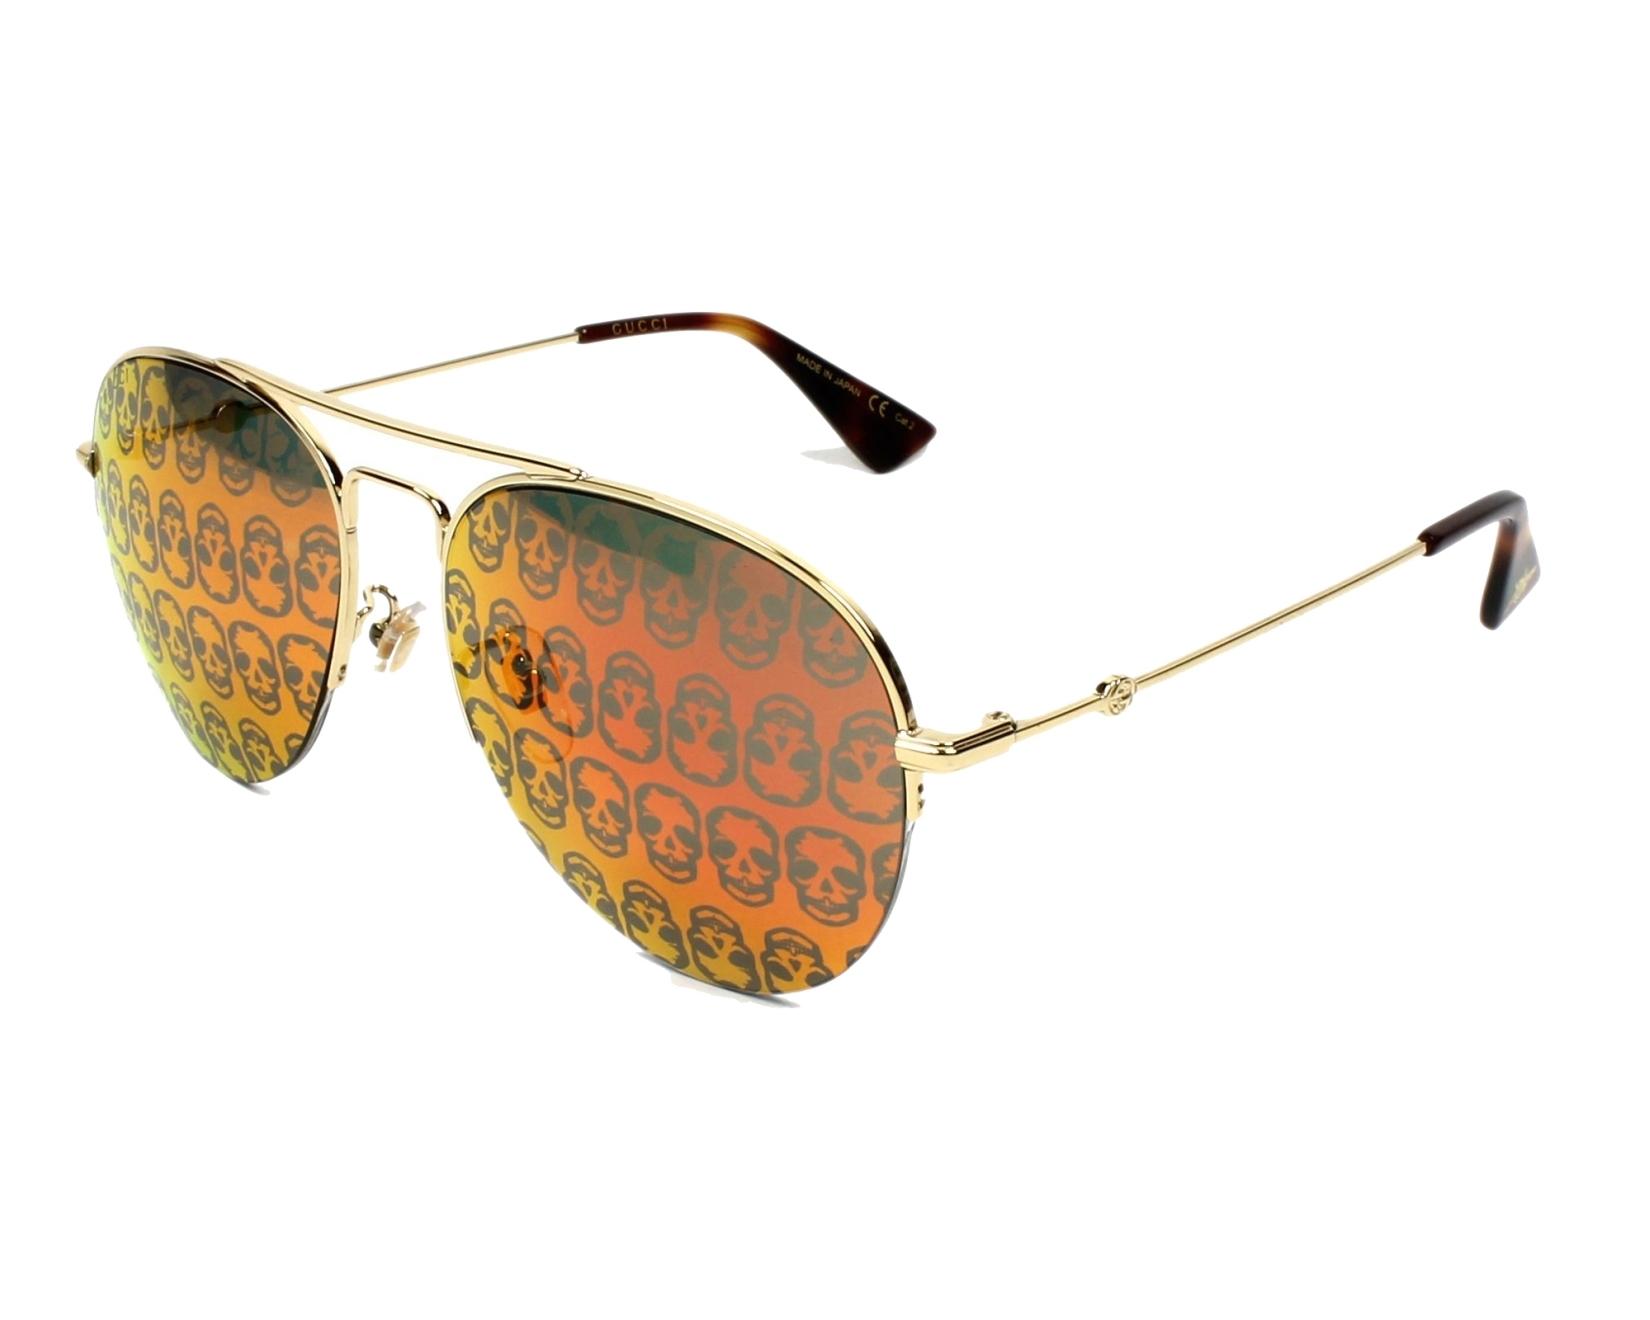 d02217e80e2 Sunglasses Gucci GG-0107-S 002 - Gold profile view